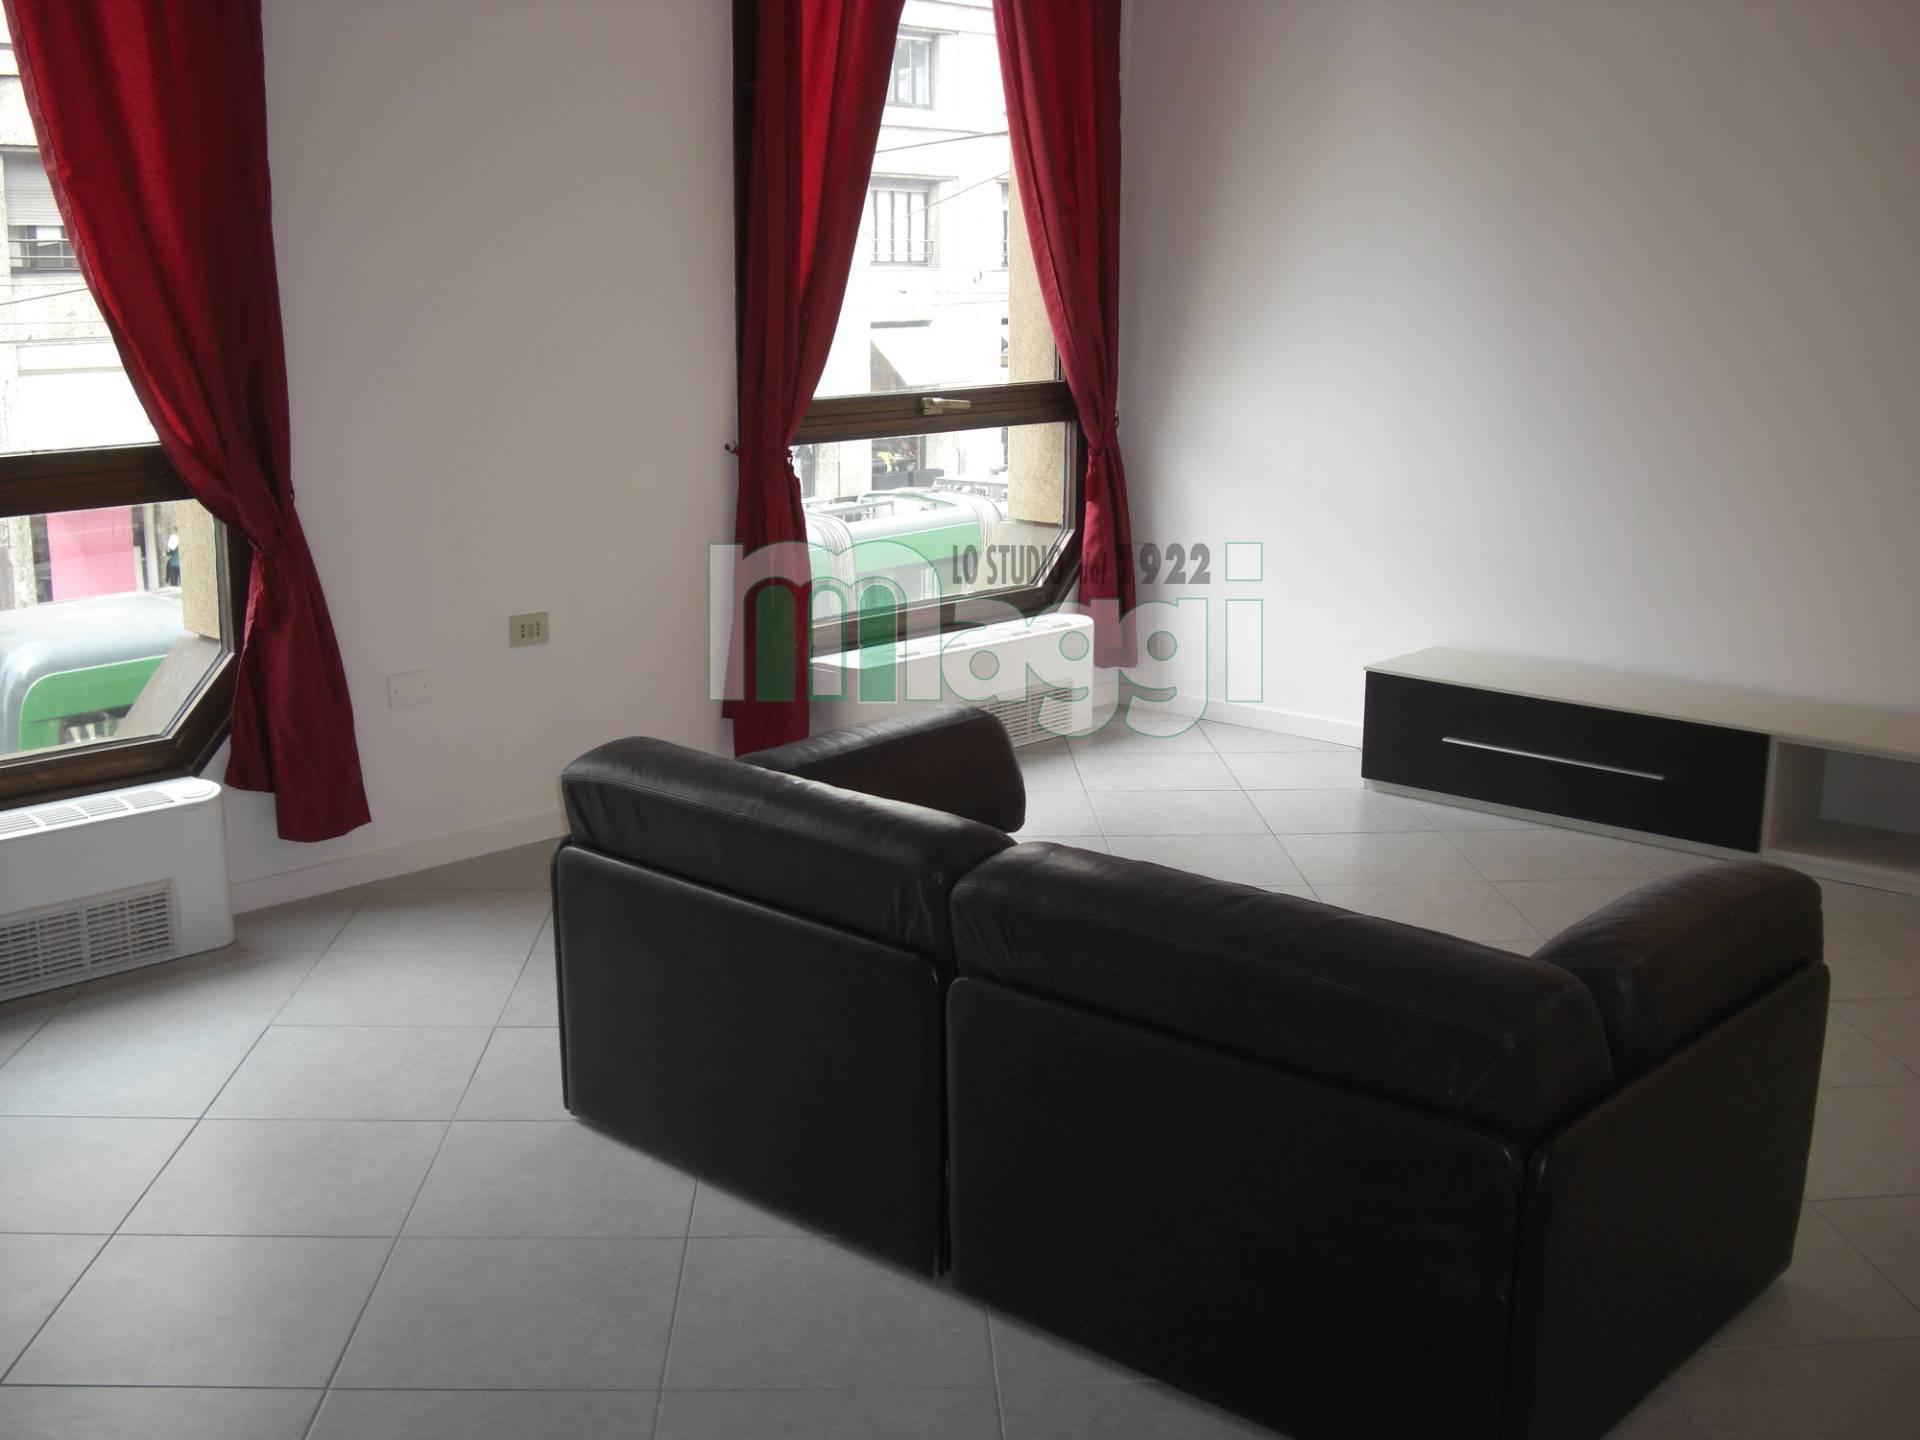 Appartamento in Affitto a Milano 01 Centro storico (Cerchia dei Navigli): 2 locali, 74 mq